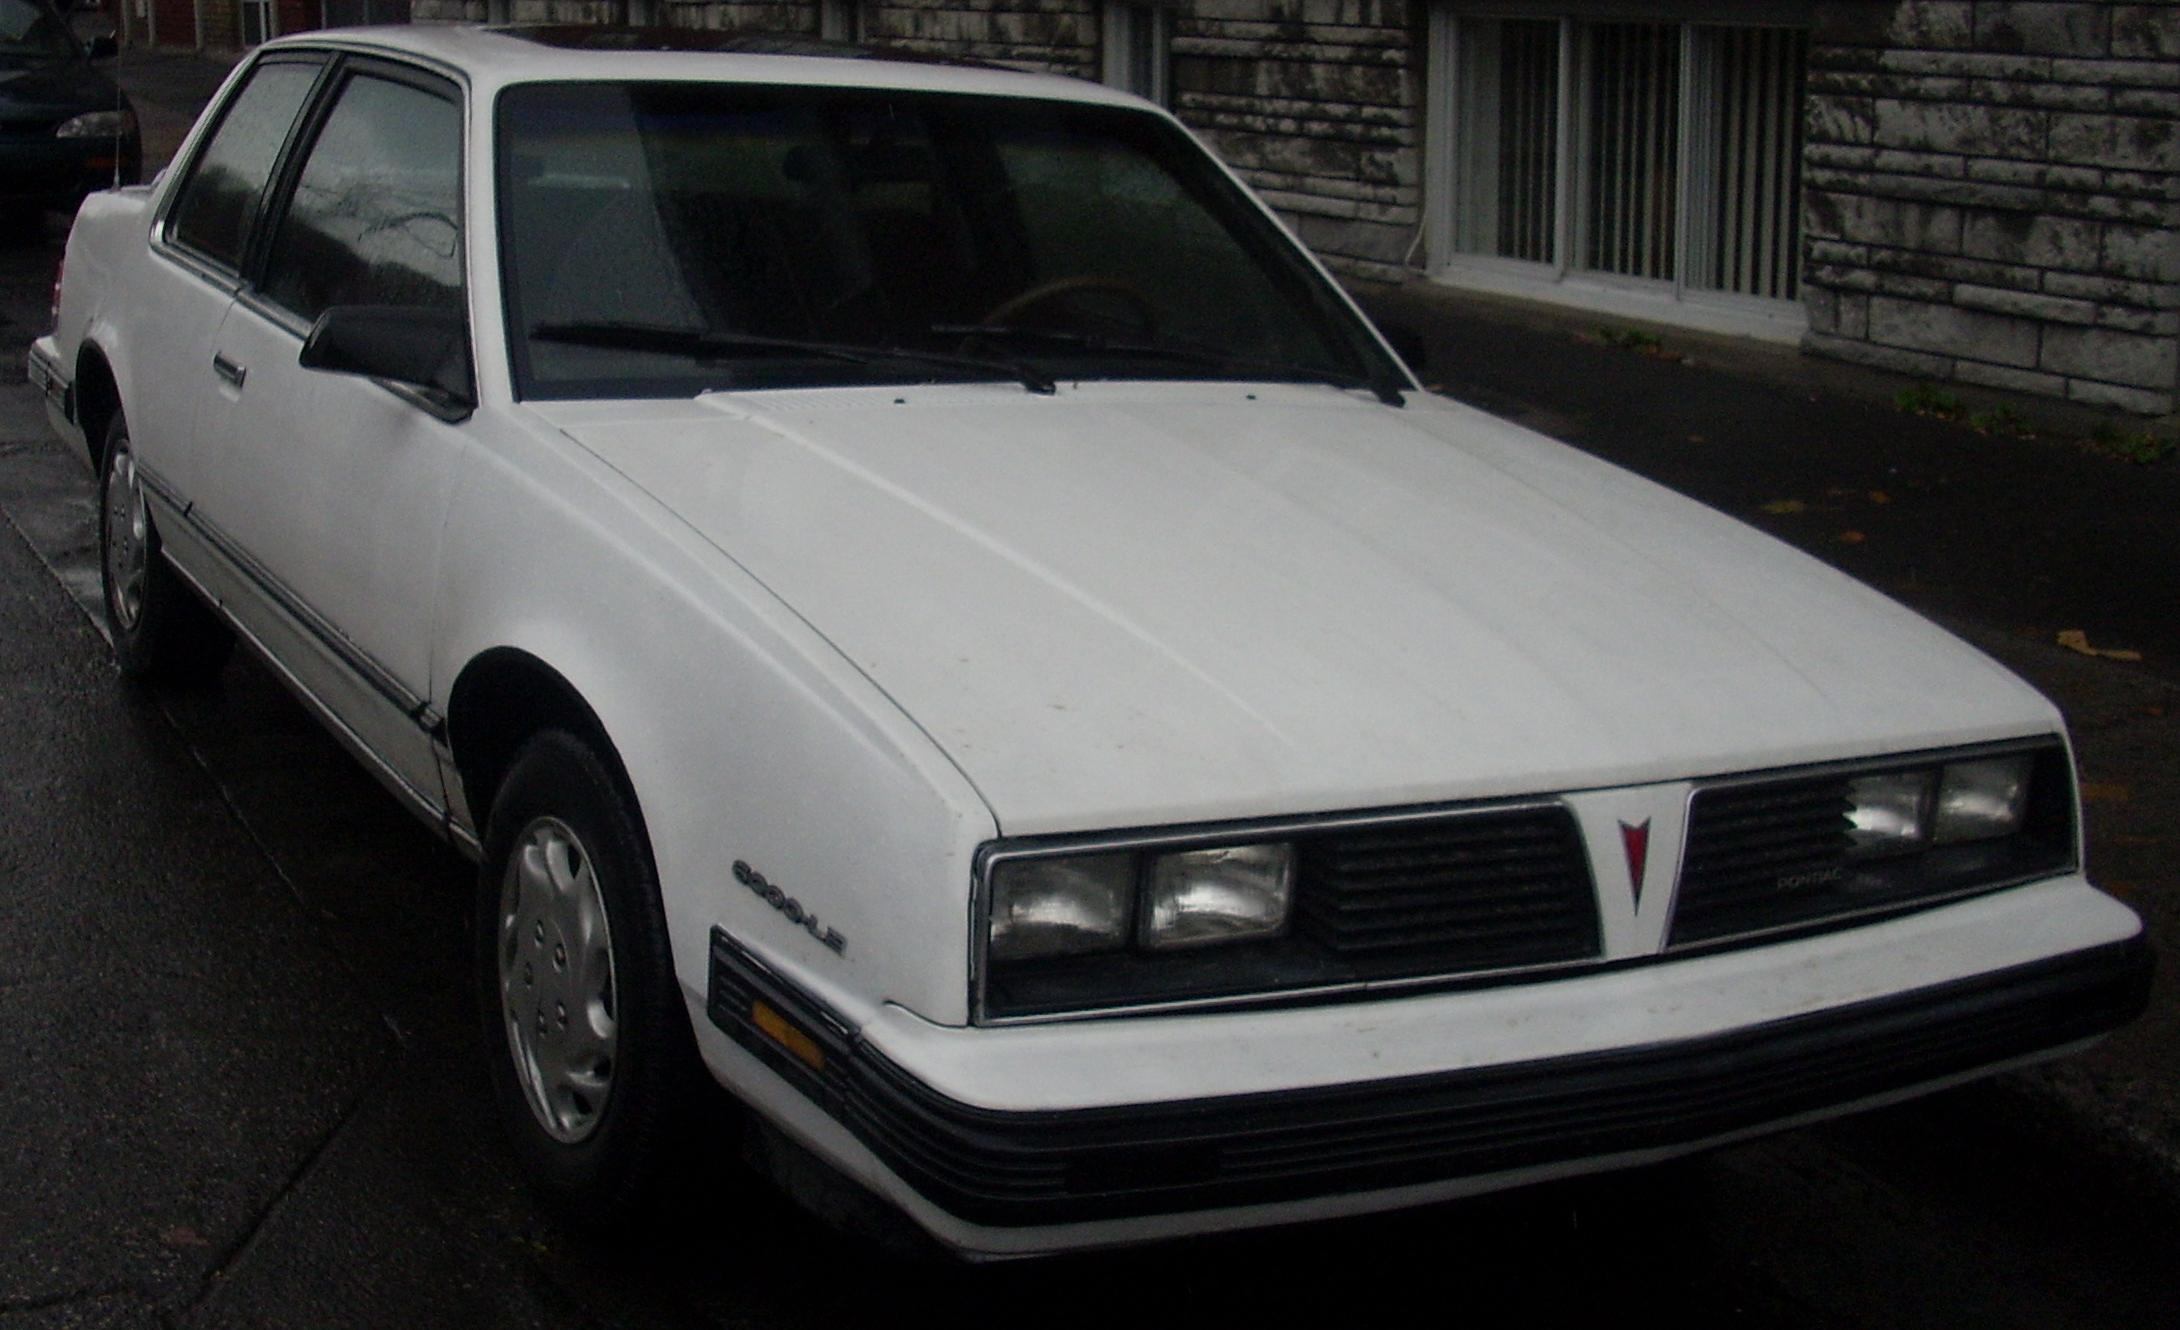 Pontiac 6000 1982 - 1991 Coupe #3